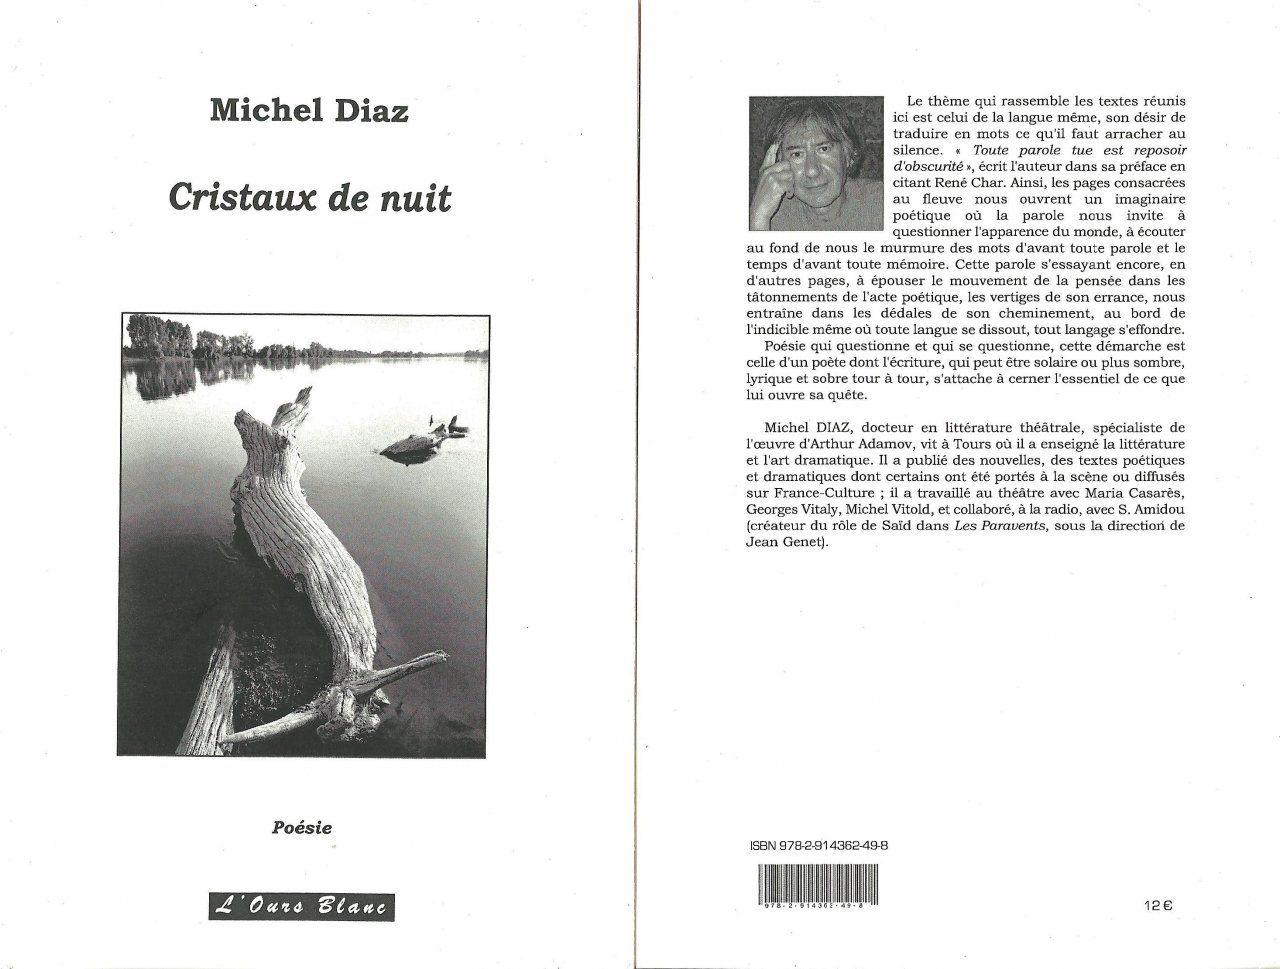 Cristaux de nuit - Couv 001